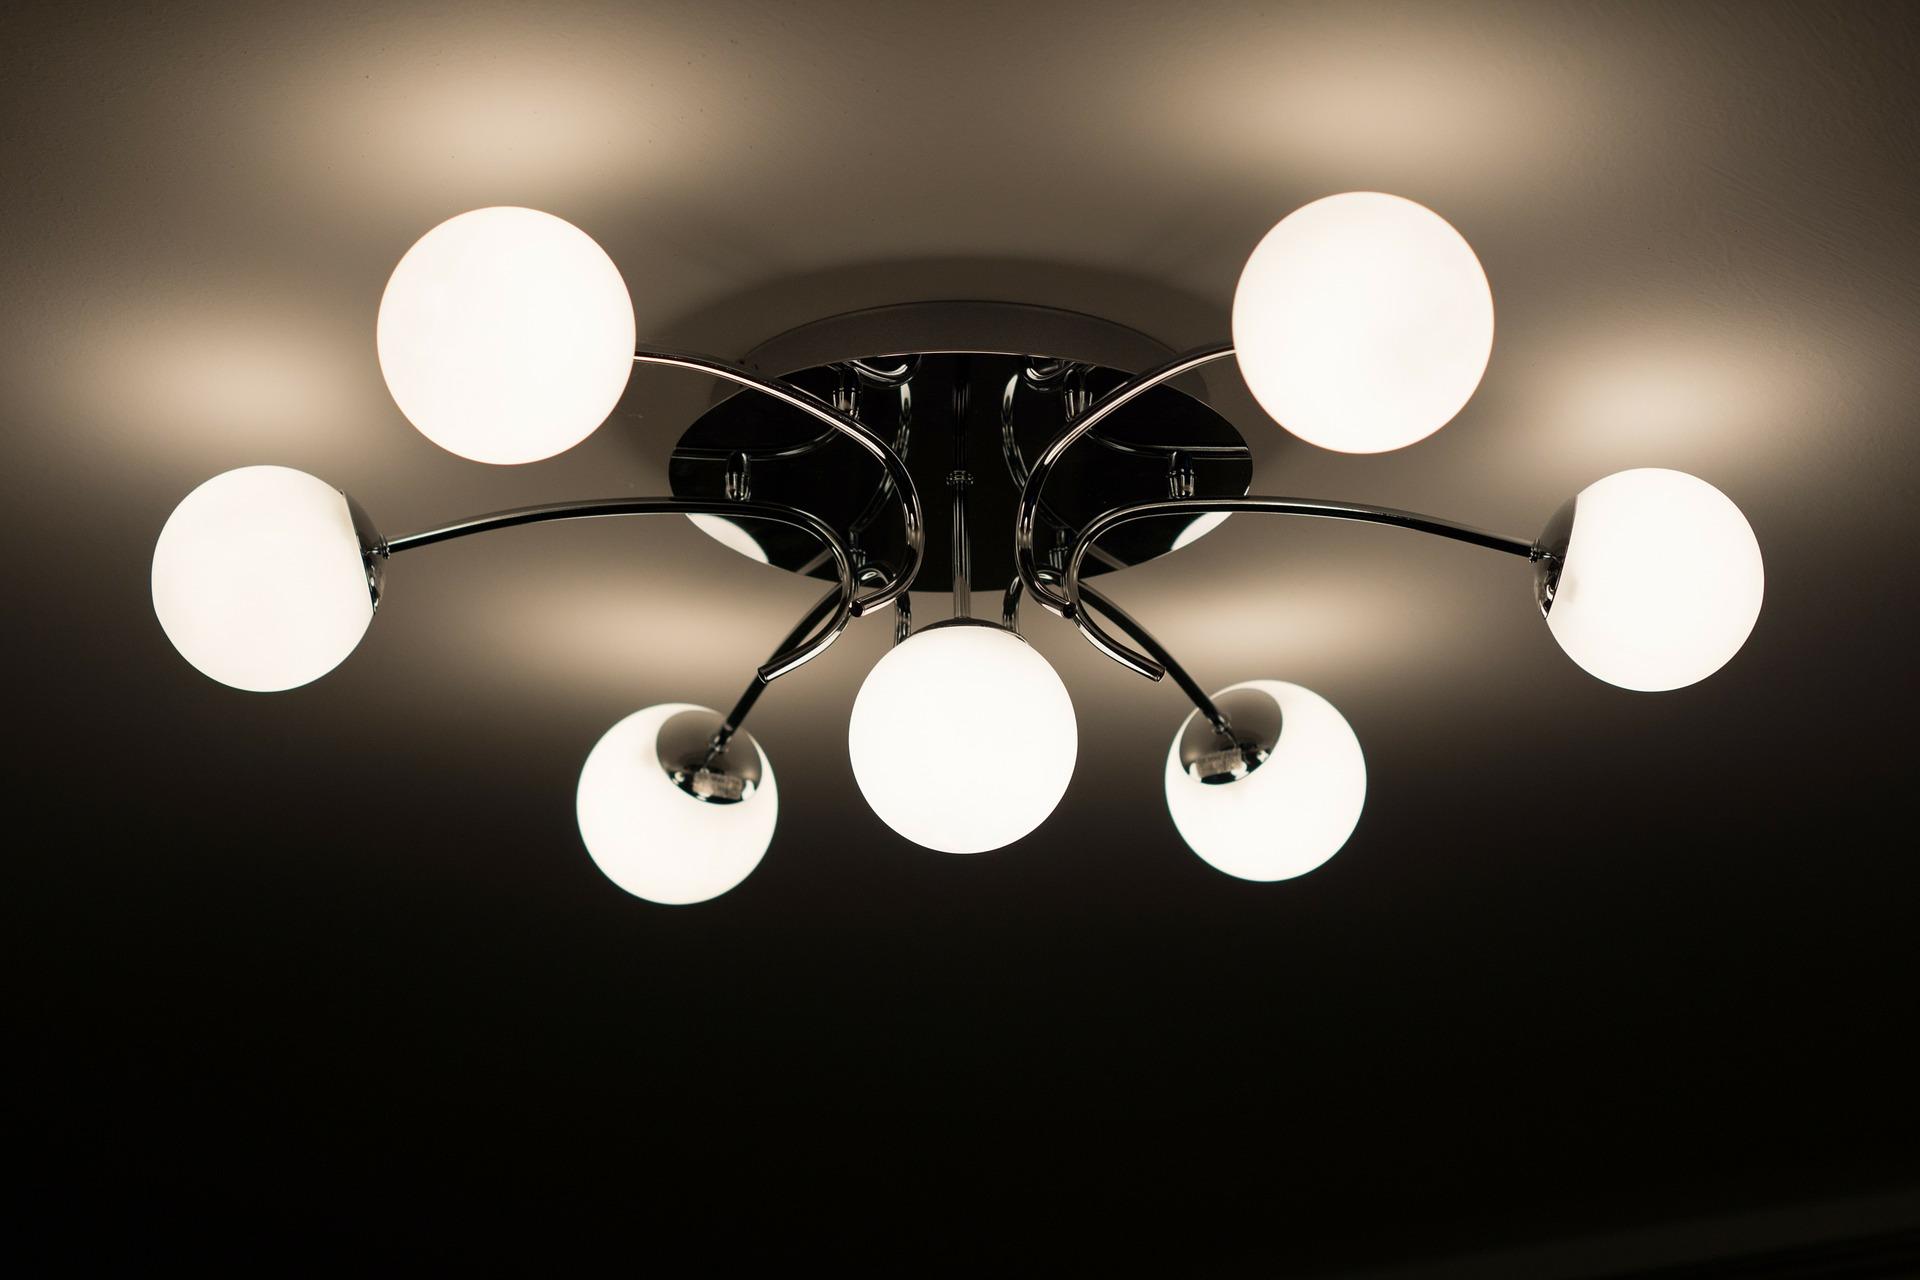 Imagem de luminária moderna com sete spots de luz